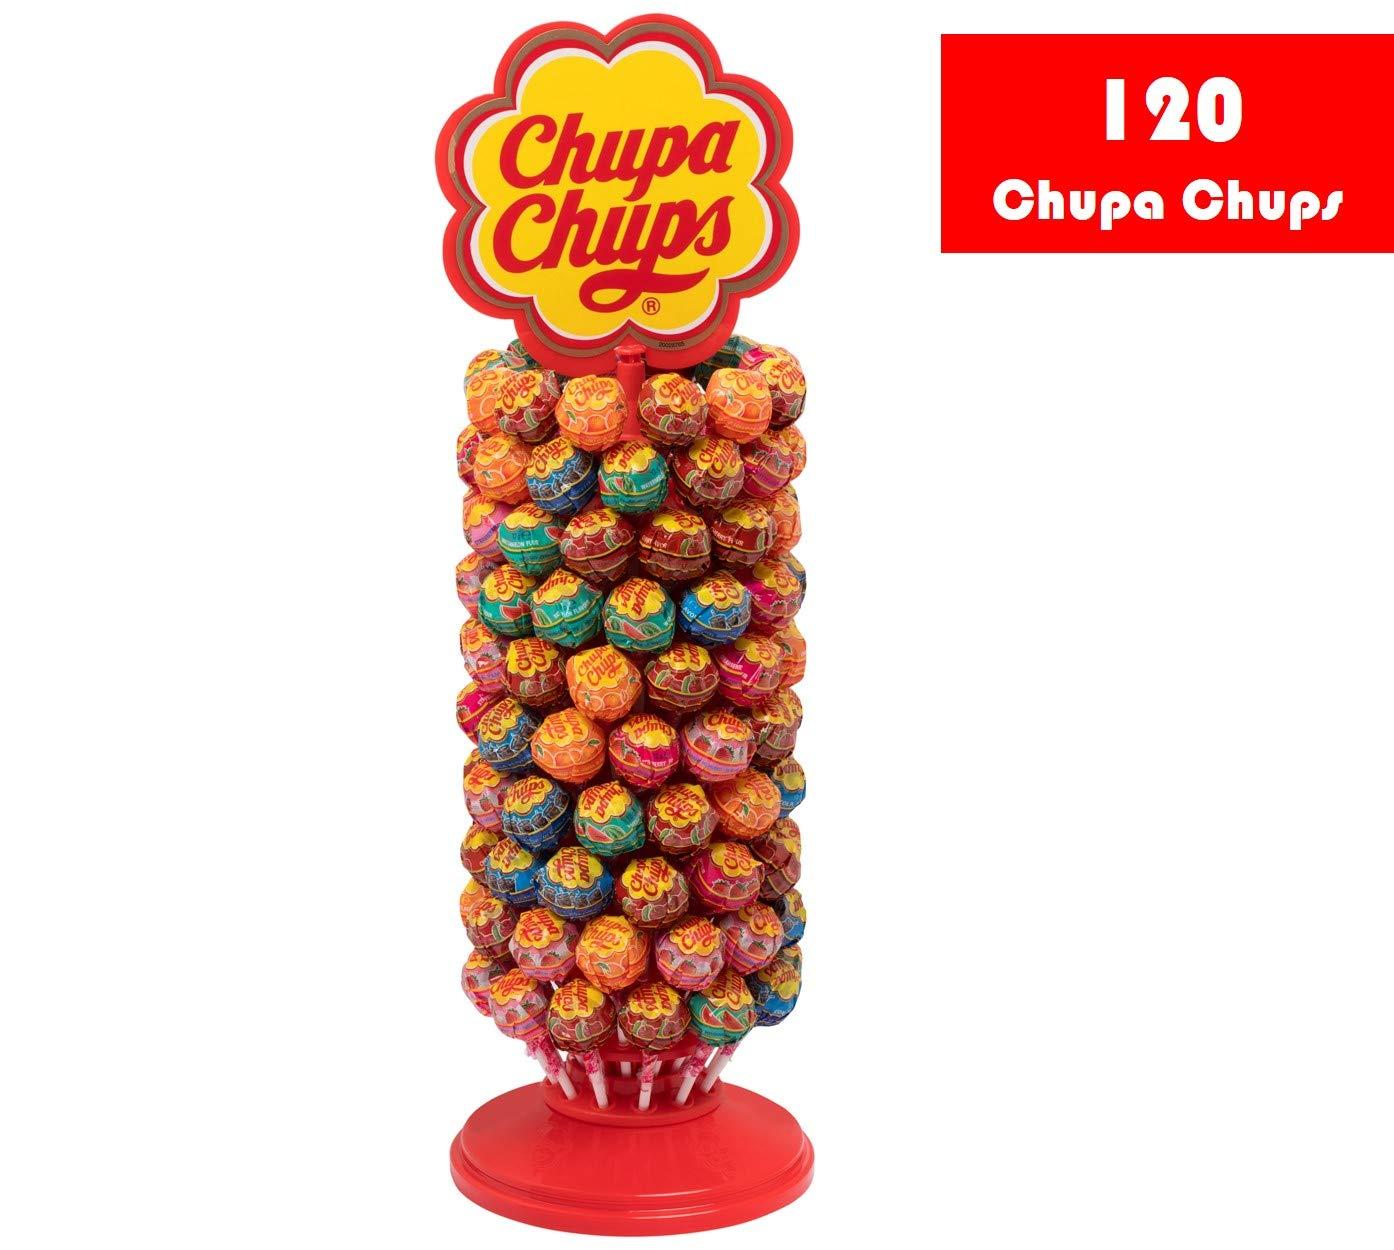 Chupa Chups Rueda de 120 Unidades, a 0,15€ unidad